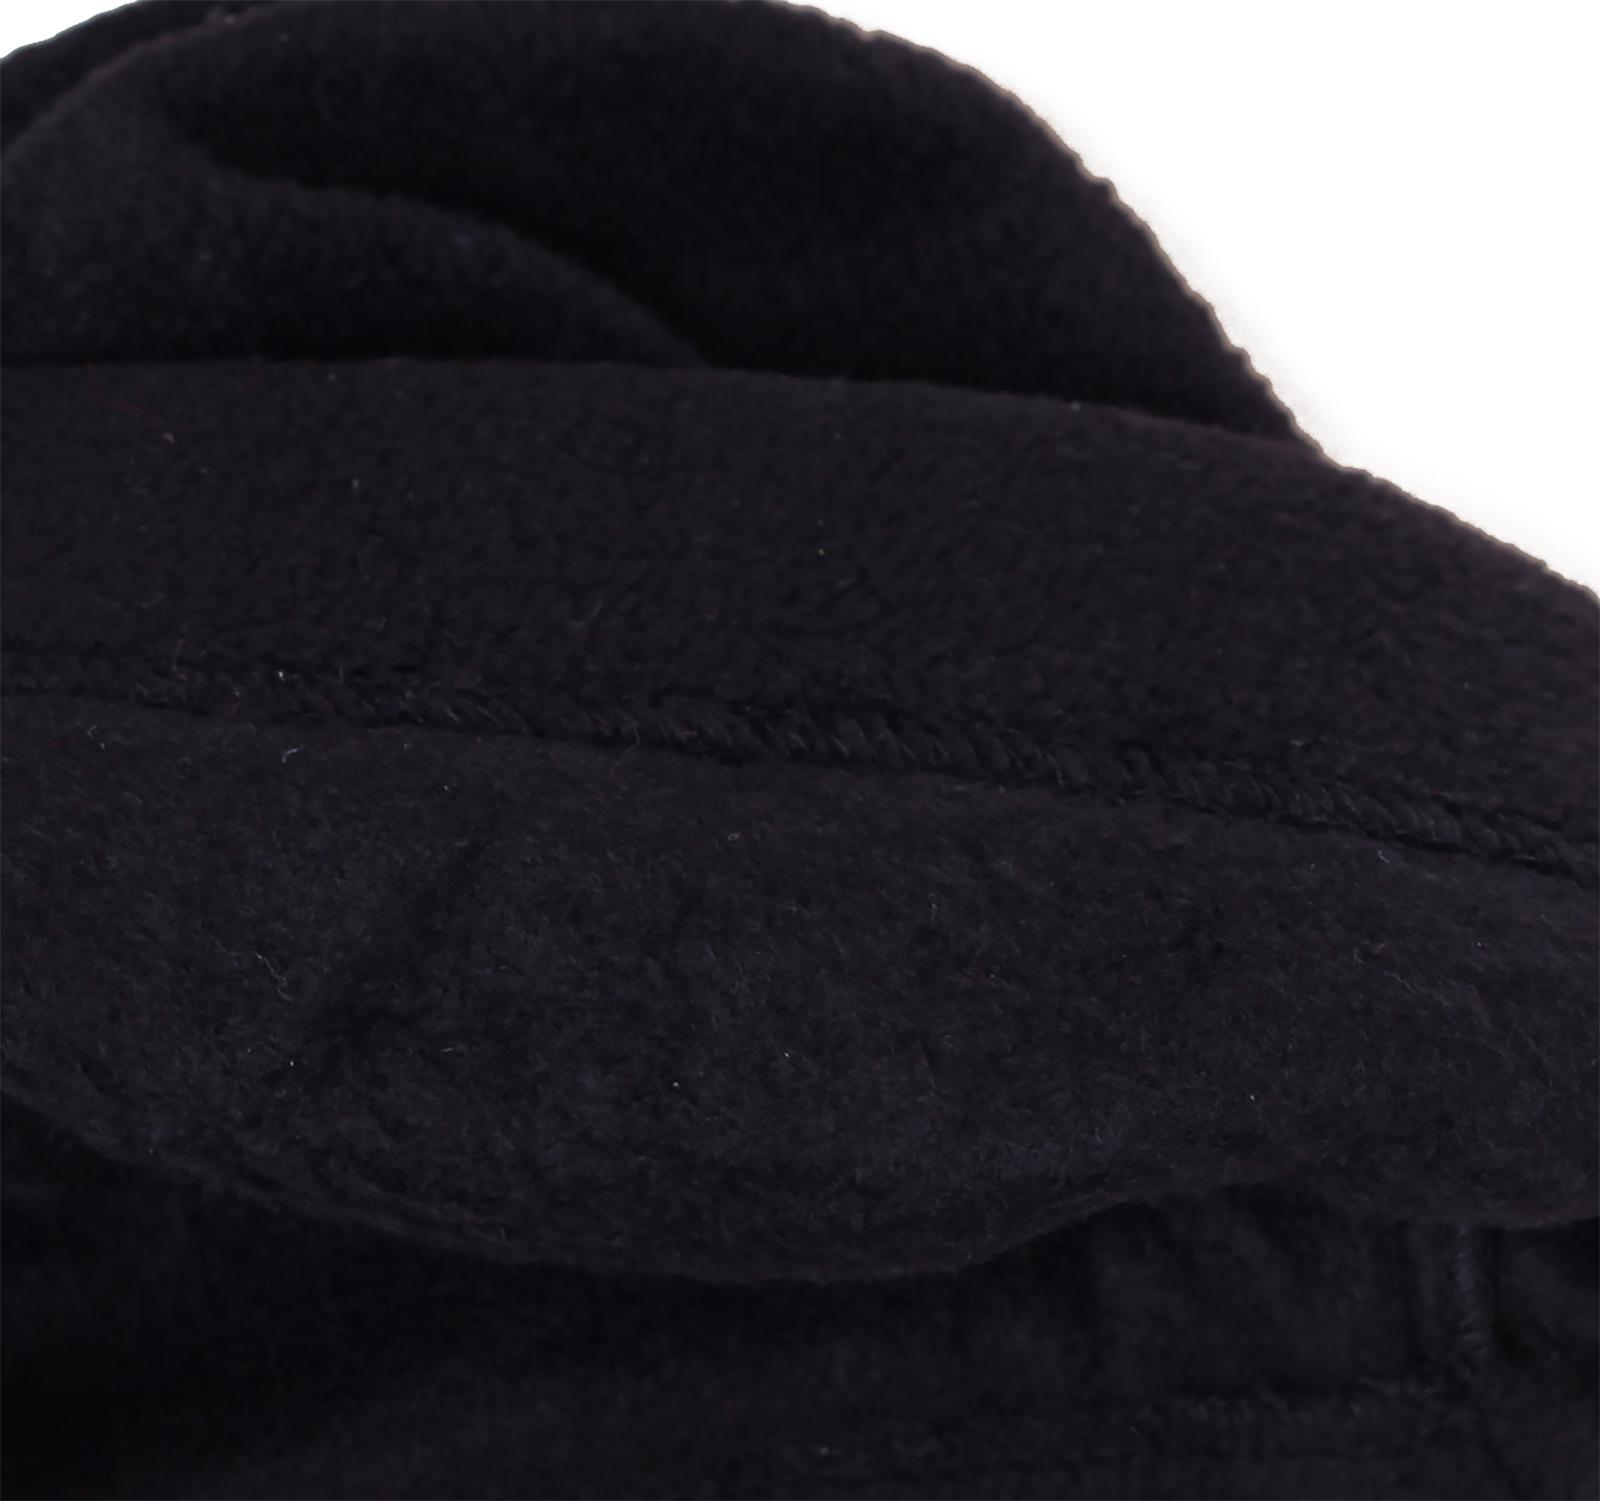 Заказать флисовую зимнюю мужскую шапку с флисовой подкладкой по лучшей цене